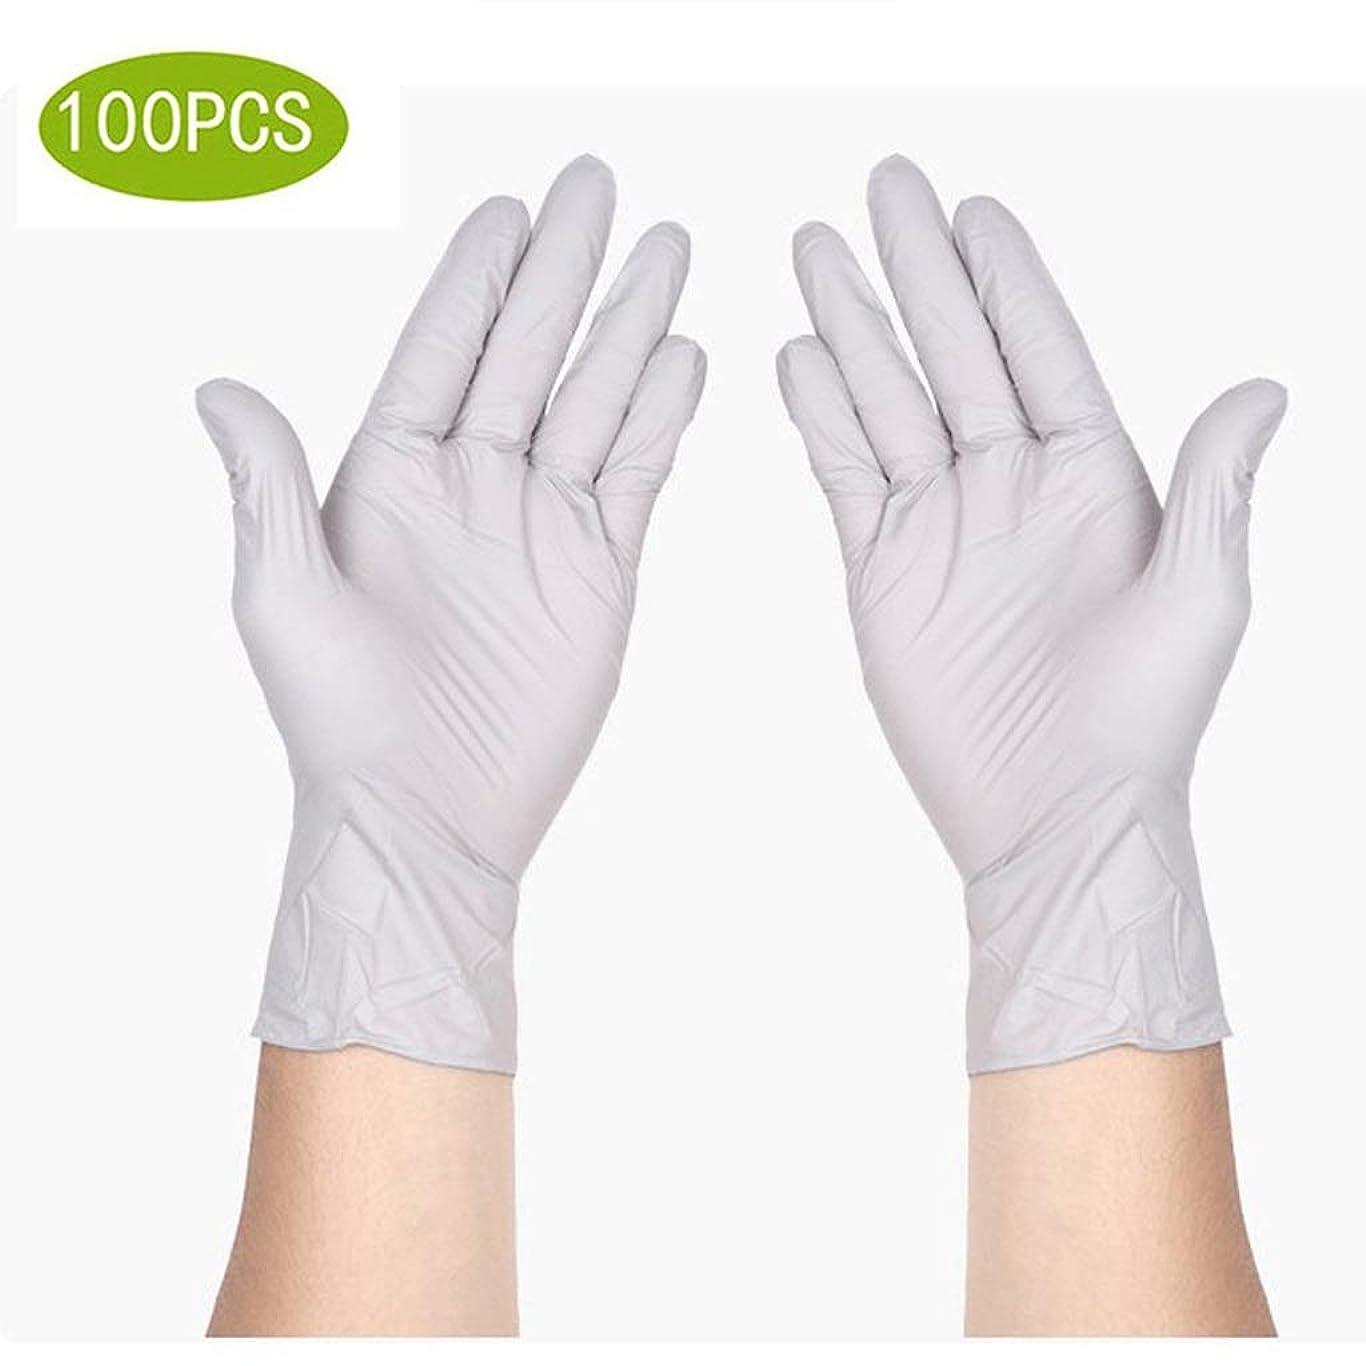 薄いです施設不利益サニタリー手袋ニトリル医療グレード試験用手袋、使い捨て、ラテックスフリー、100カウント滅菌使い捨て安全手袋 (Size : L)